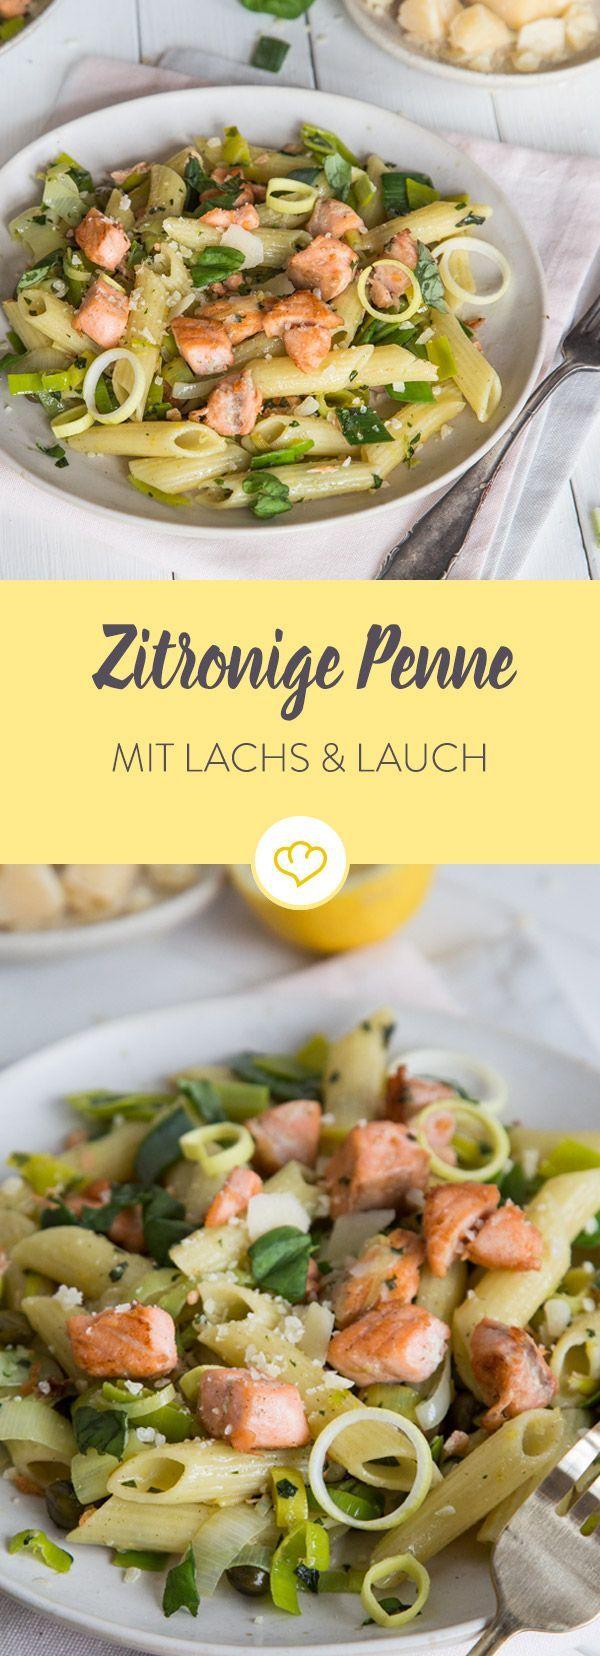 Zeit für Pasta: Zitronige Penne mit Lachs und Lauch